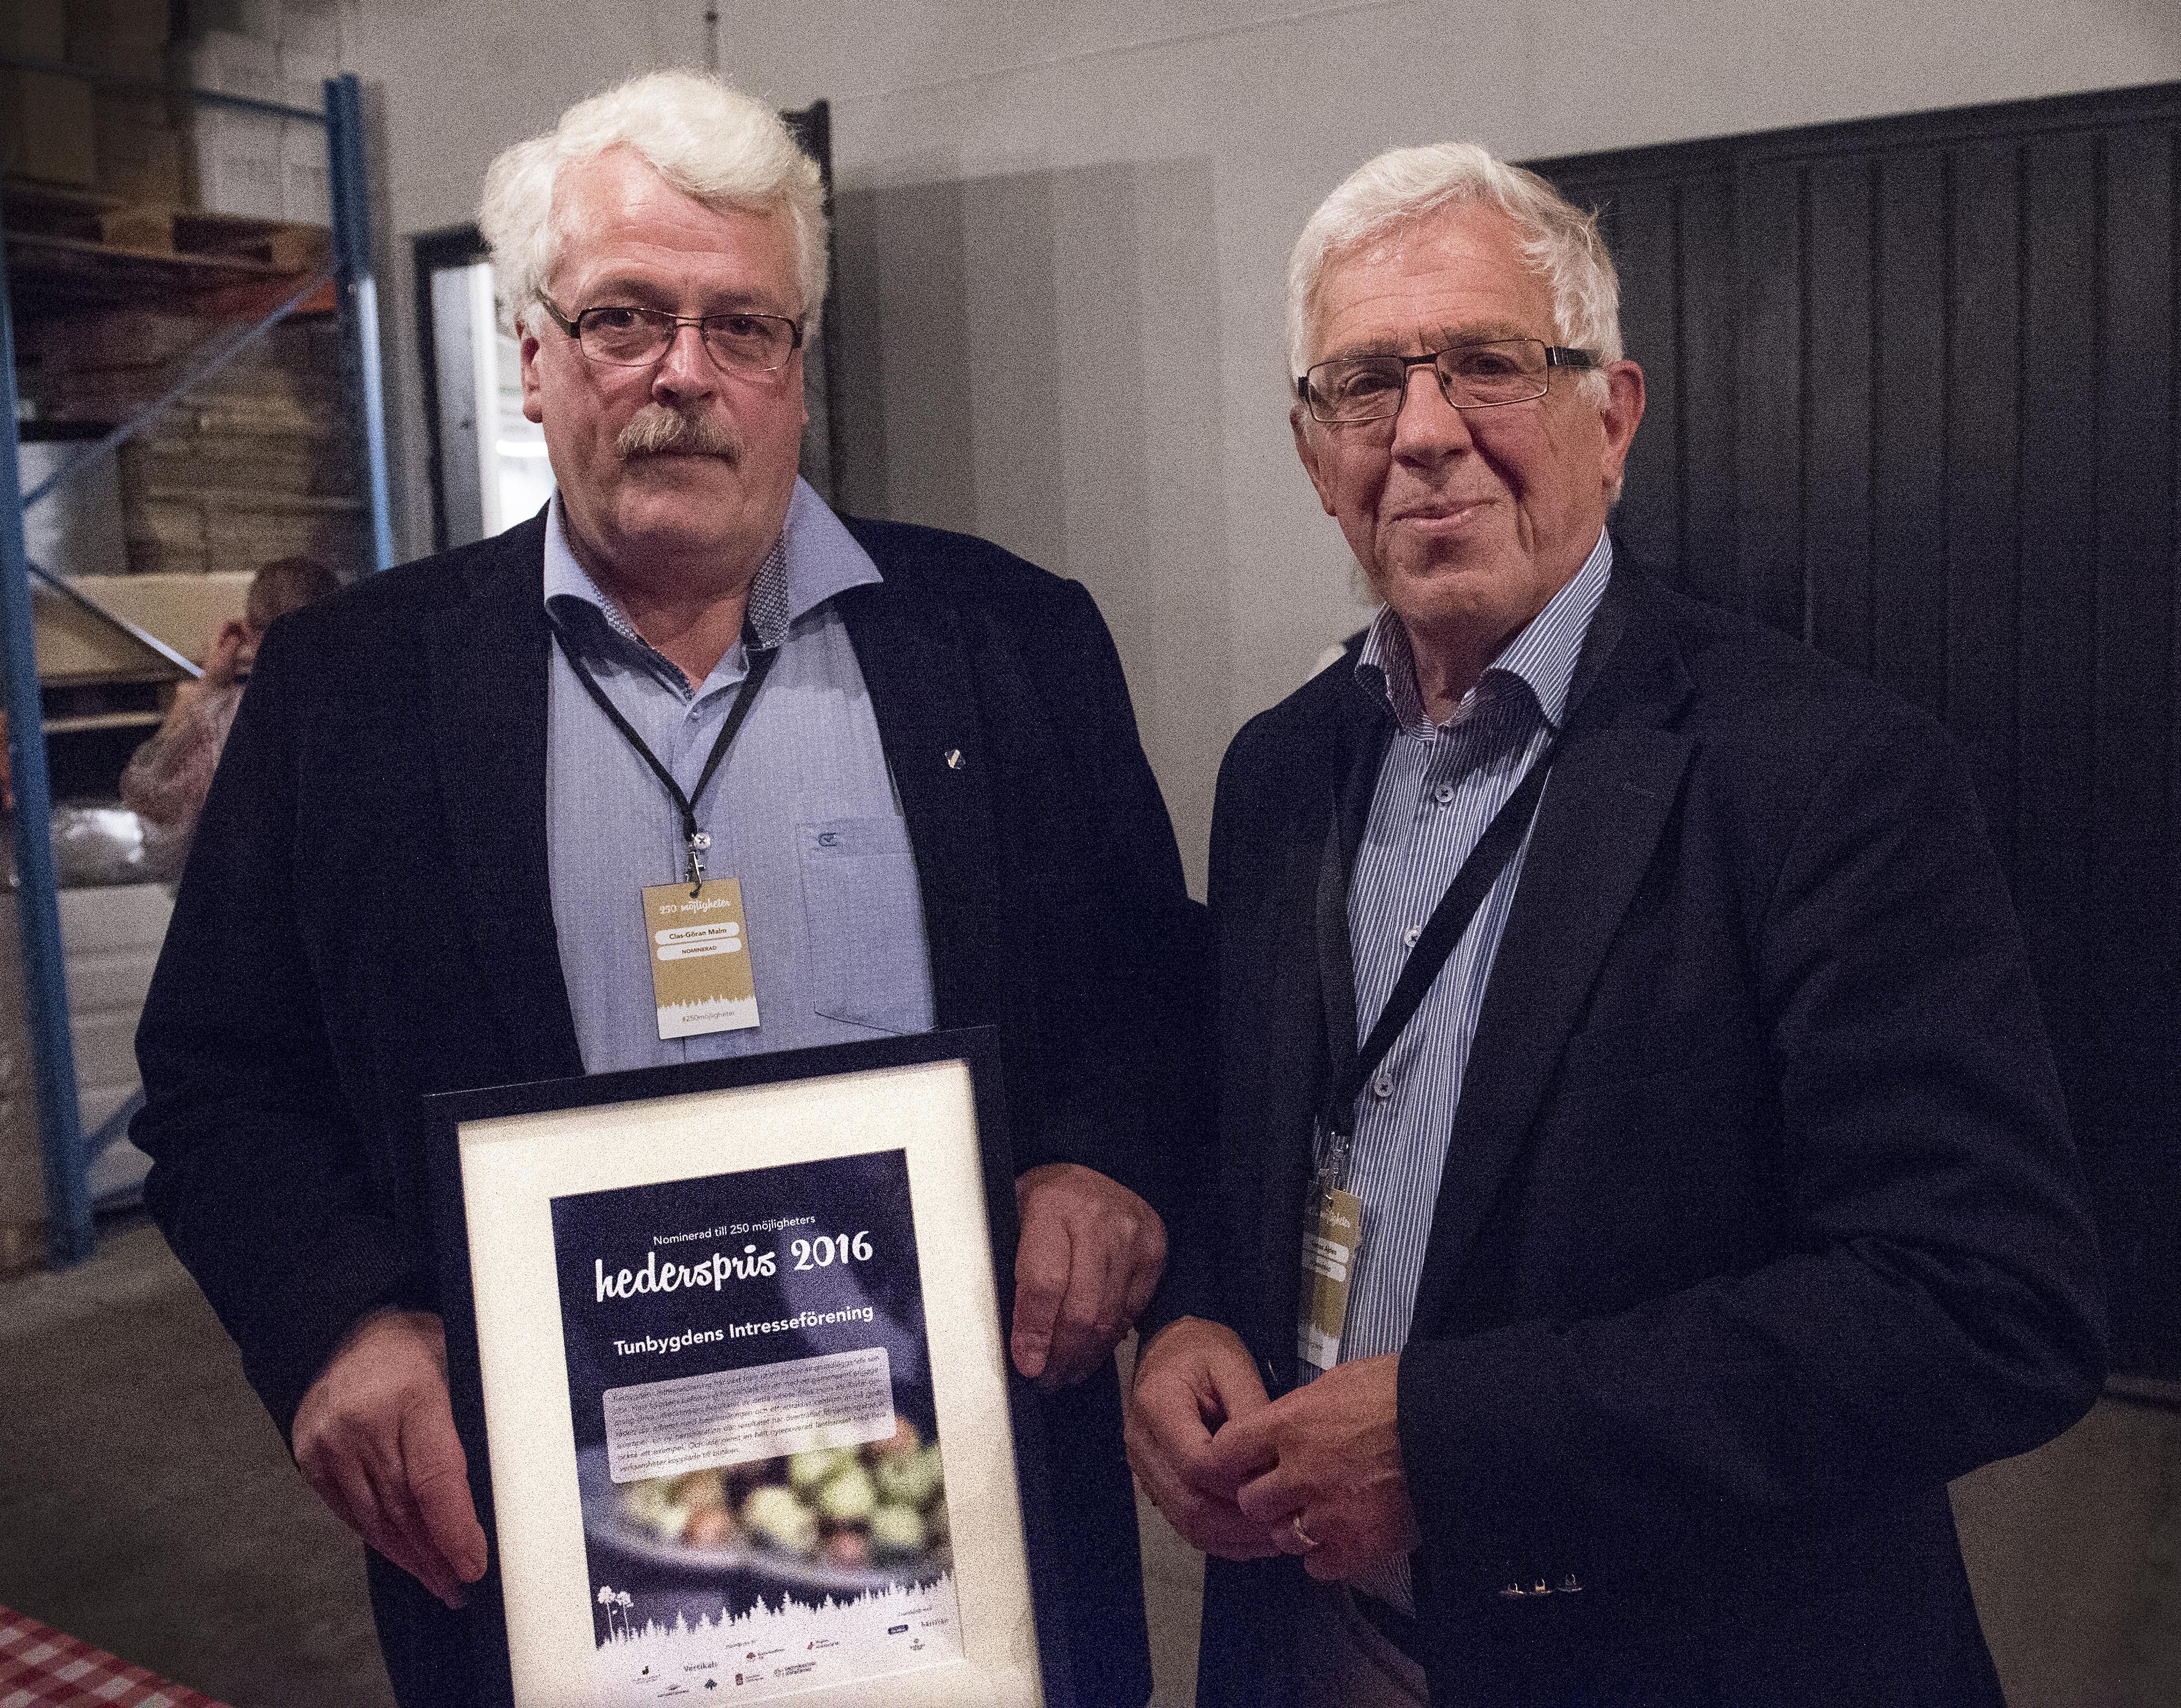 250 Möjligheter, hederspris till Tunbygdens Intresseförening. Foto Anna Hållams